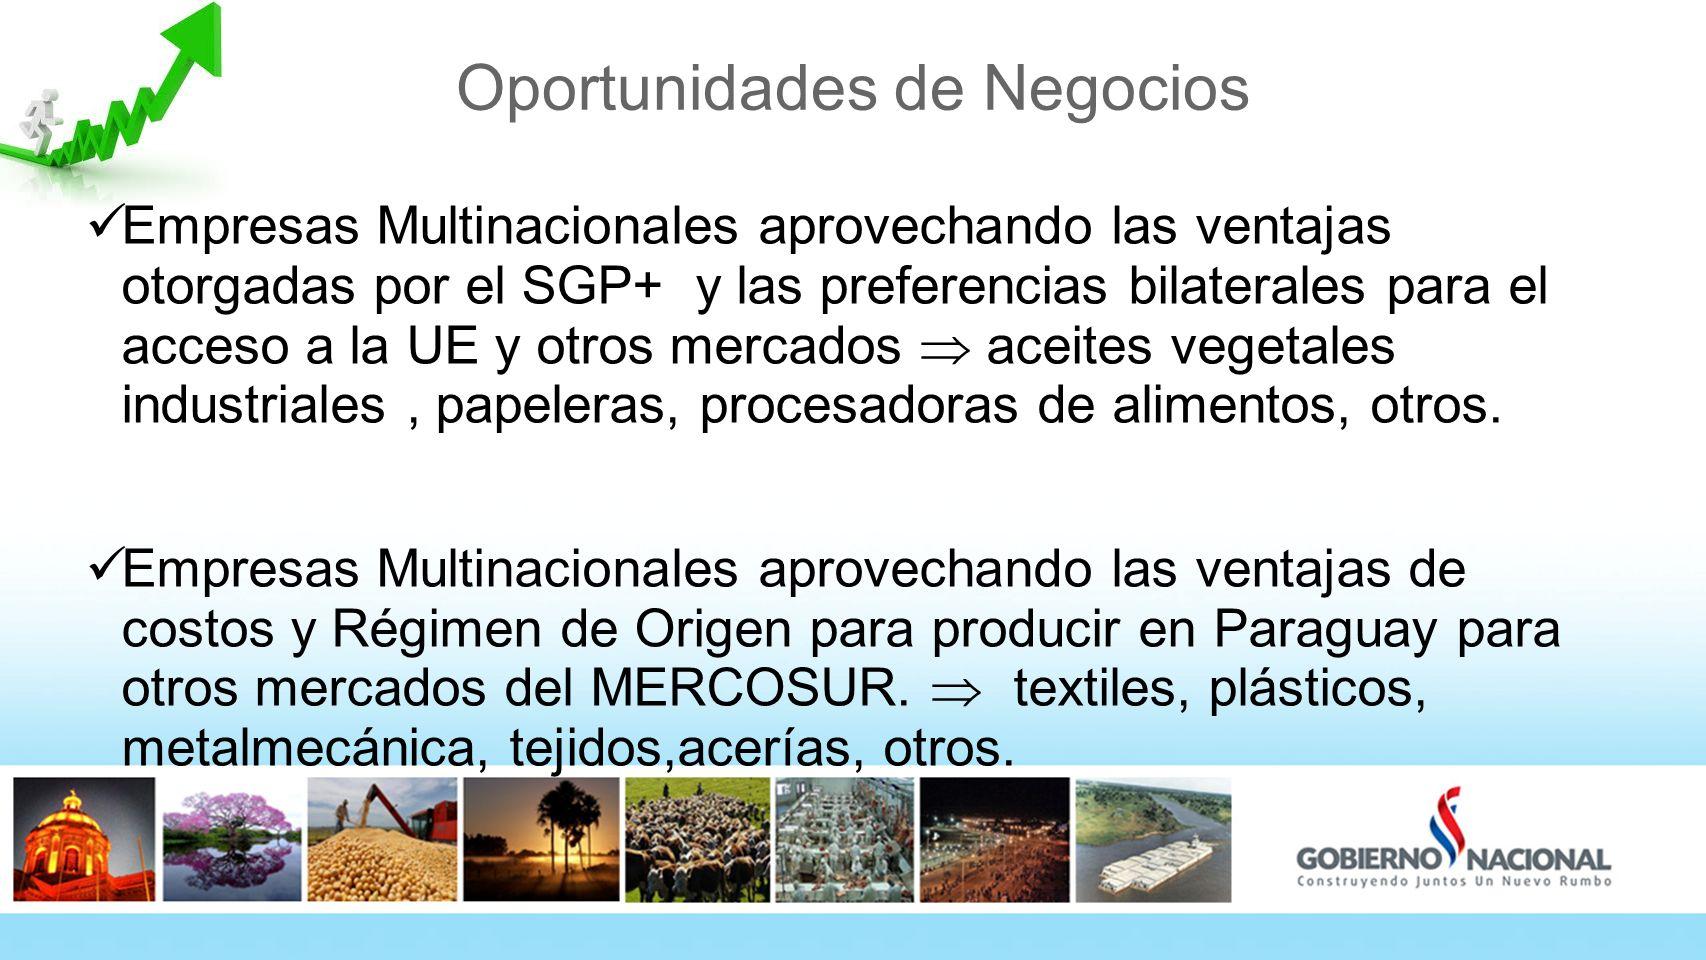 Oportunidades de Negocios Empresas Multinacionales aprovechando las ventajas otorgadas por el SGP+ y las preferencias bilaterales para el acceso a la